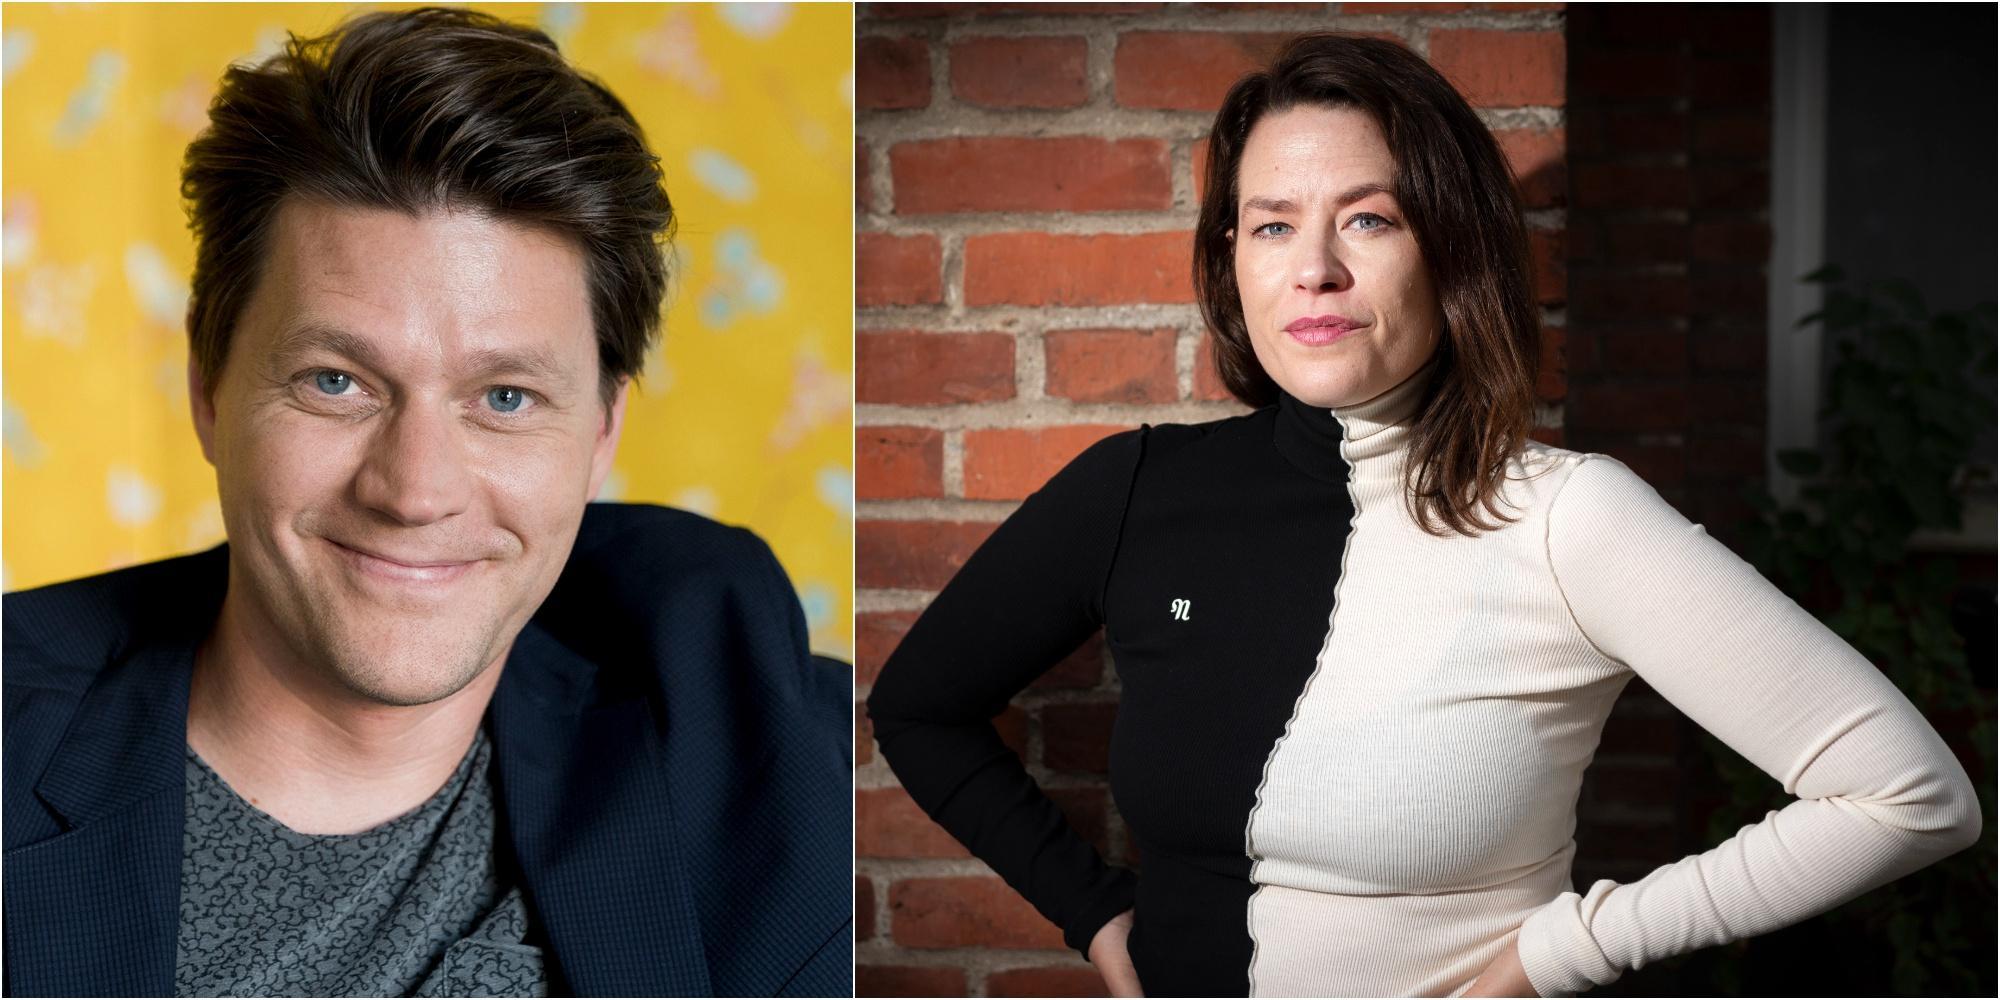 Liv Strömquist och Daniel Sjölin pratar om skönhet på GP.se